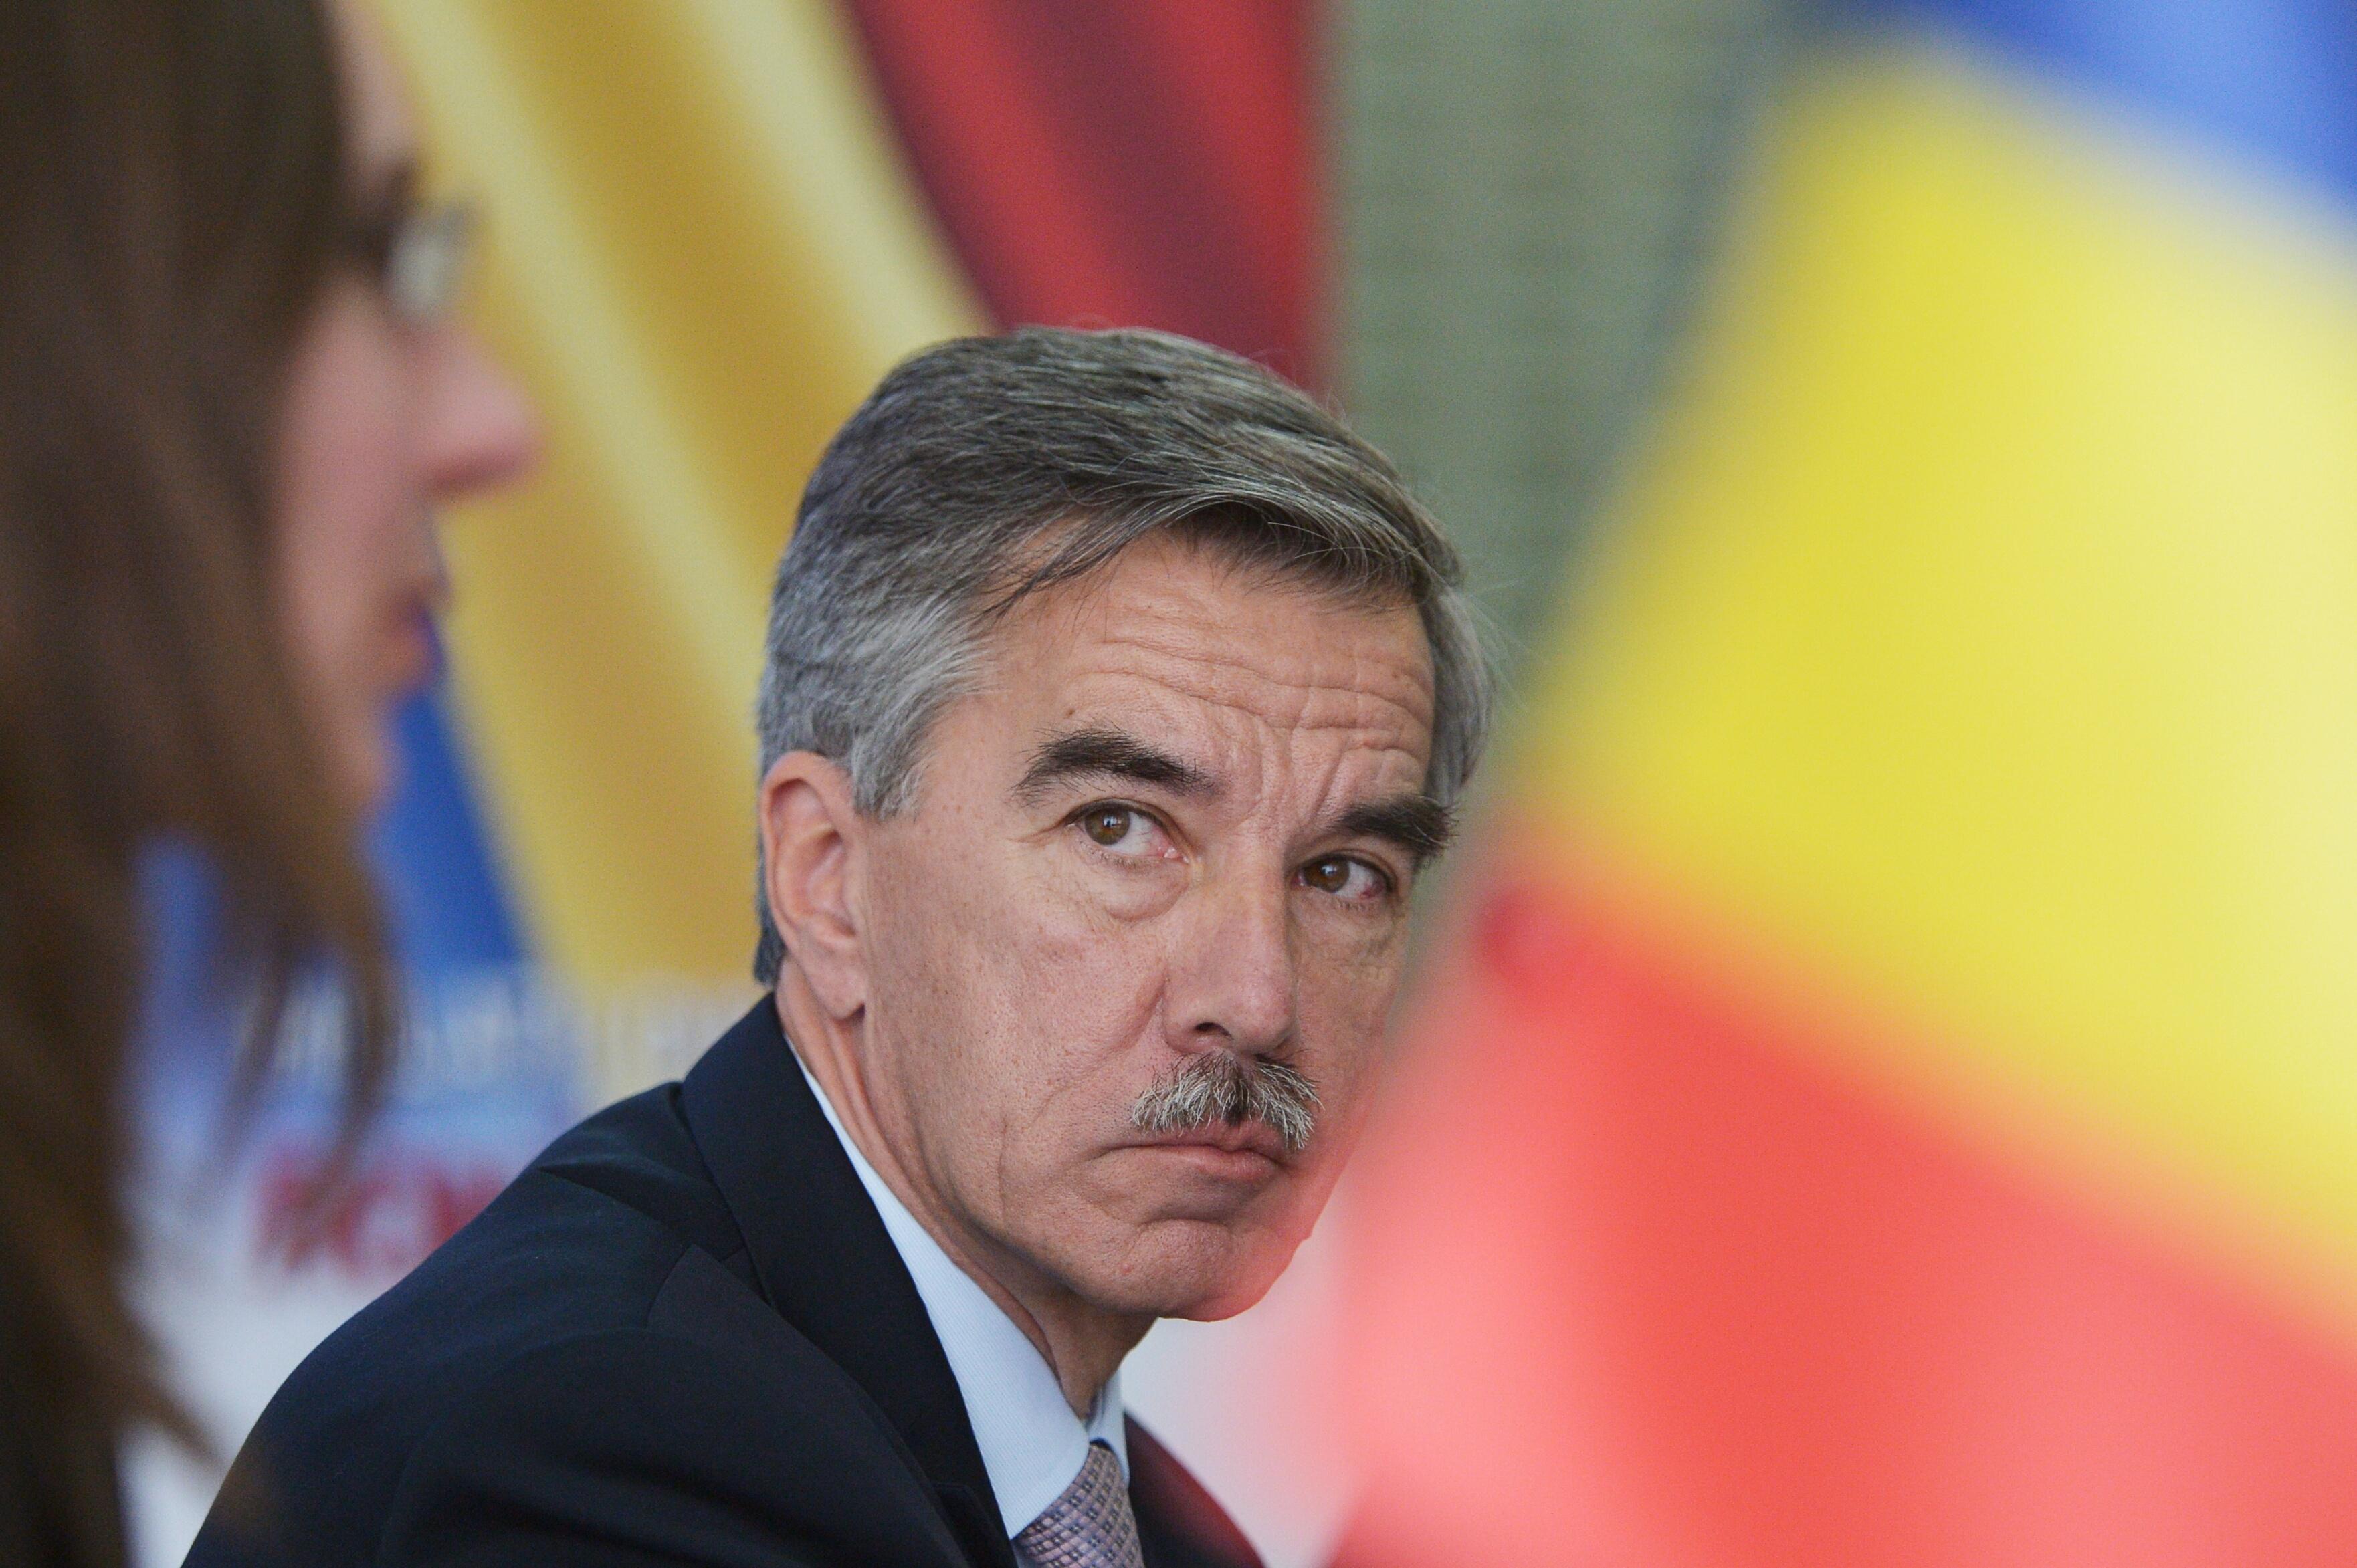 De ce a ajuns Romania tara pentru care nu se gaseste un ambasador american? Intors la Bucuresti, un fost insarcinat cu afaceri al SUA ne explica ,,anomalia